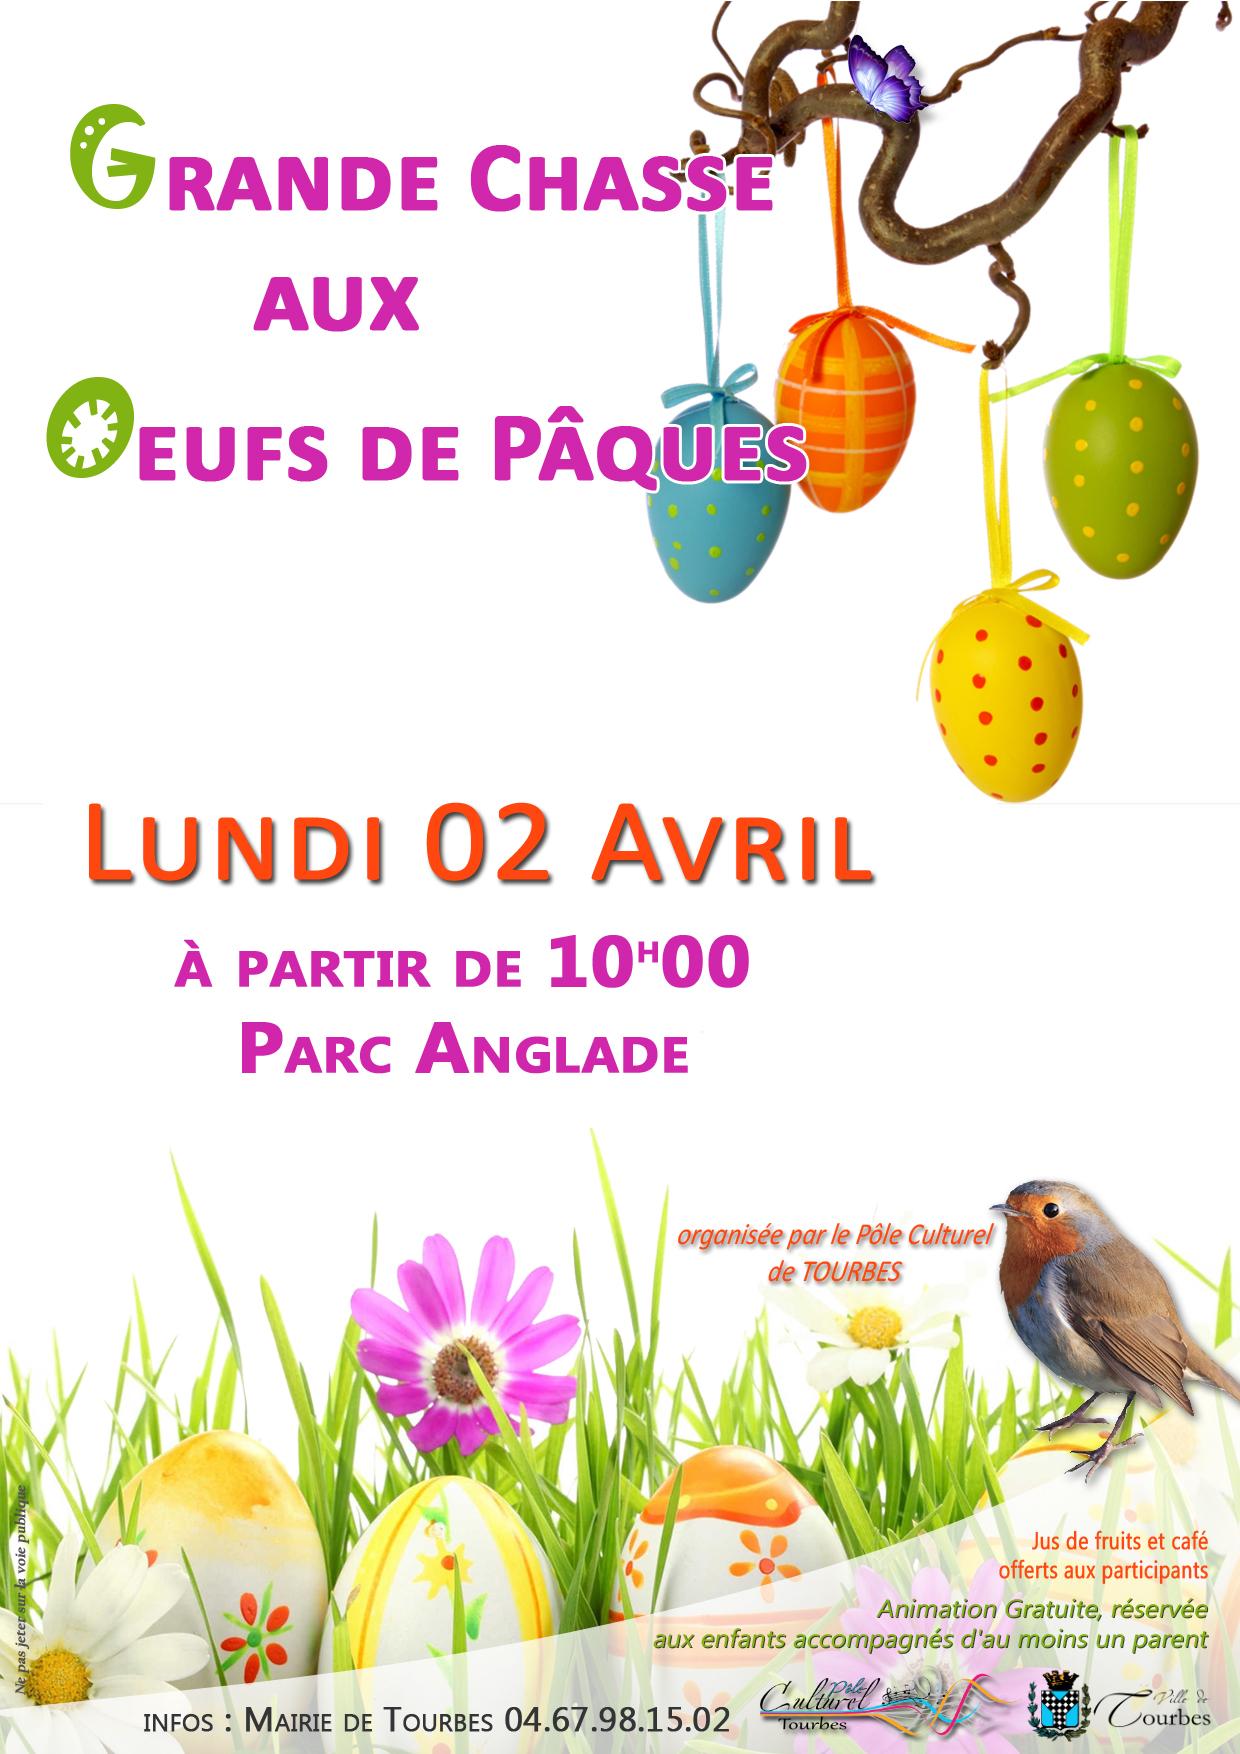 Pâques_Chasse aux Oeufs 02.04.2018_1 copie (002)